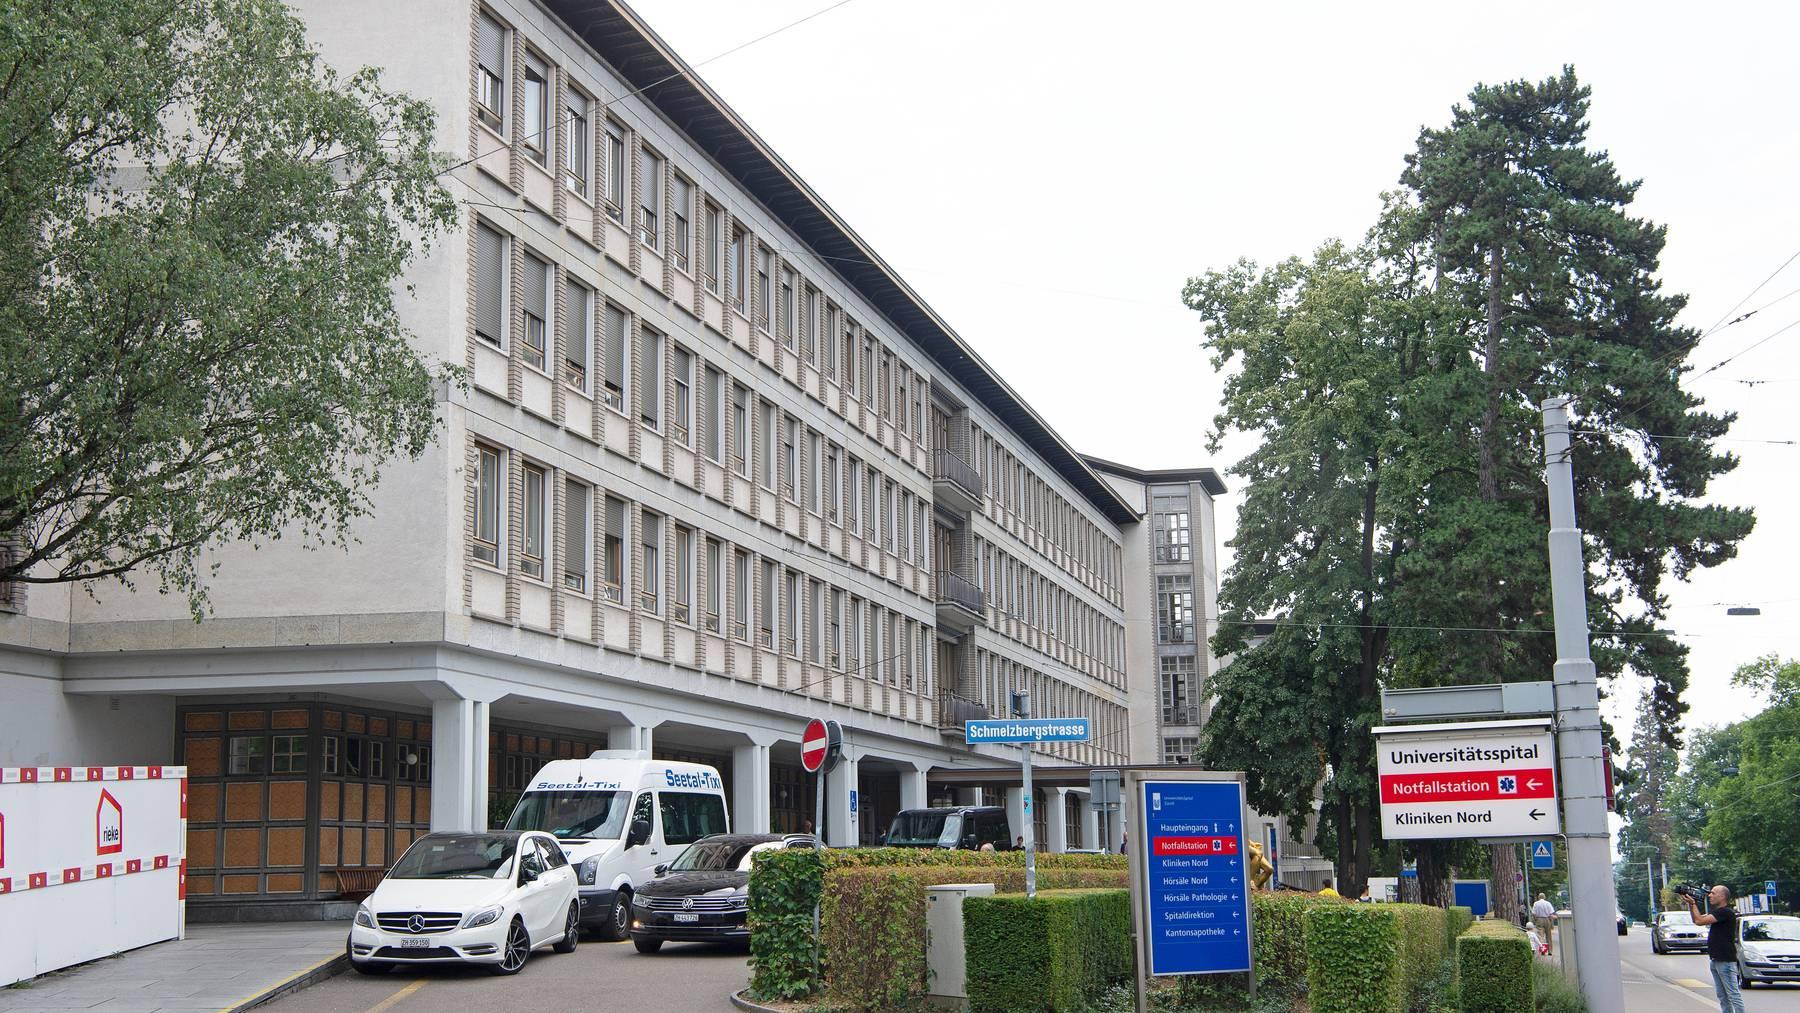 Corona-Leugner wollten ins Zürcher Universitätsspital eindringen. Doch es kam zu keinem gewaltsamen Versuch.